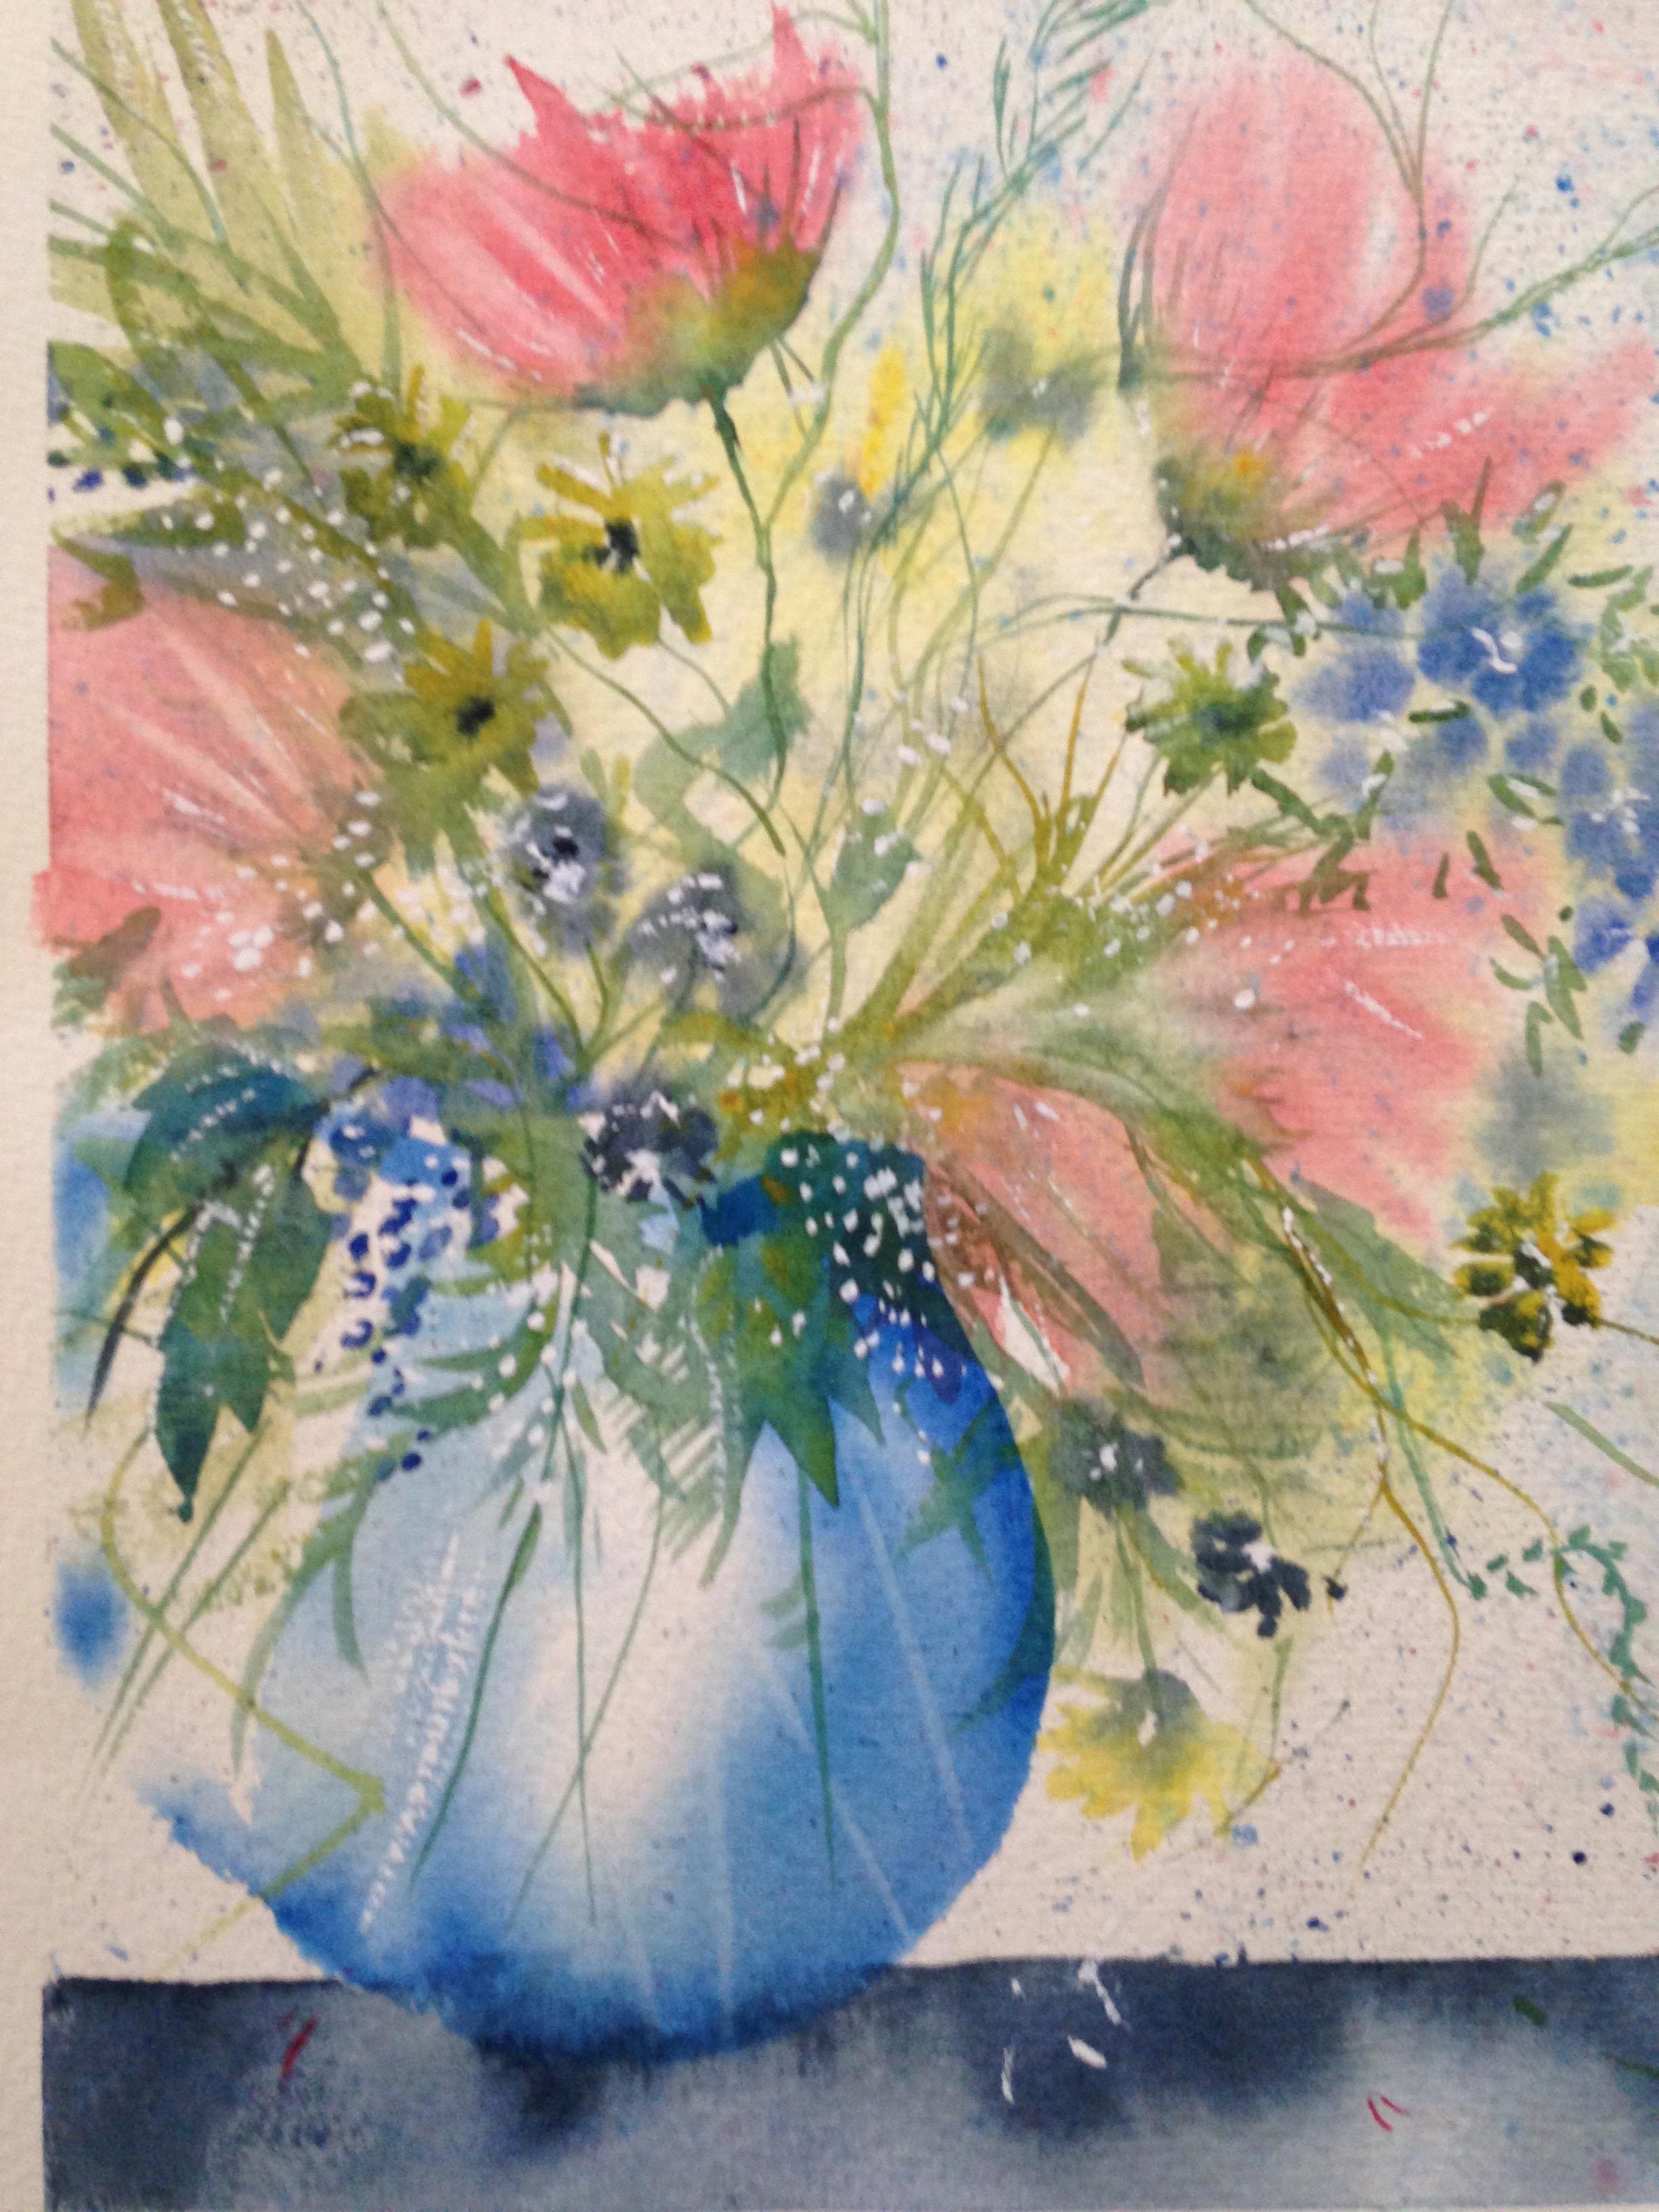 Blue Vase. Unframed $250